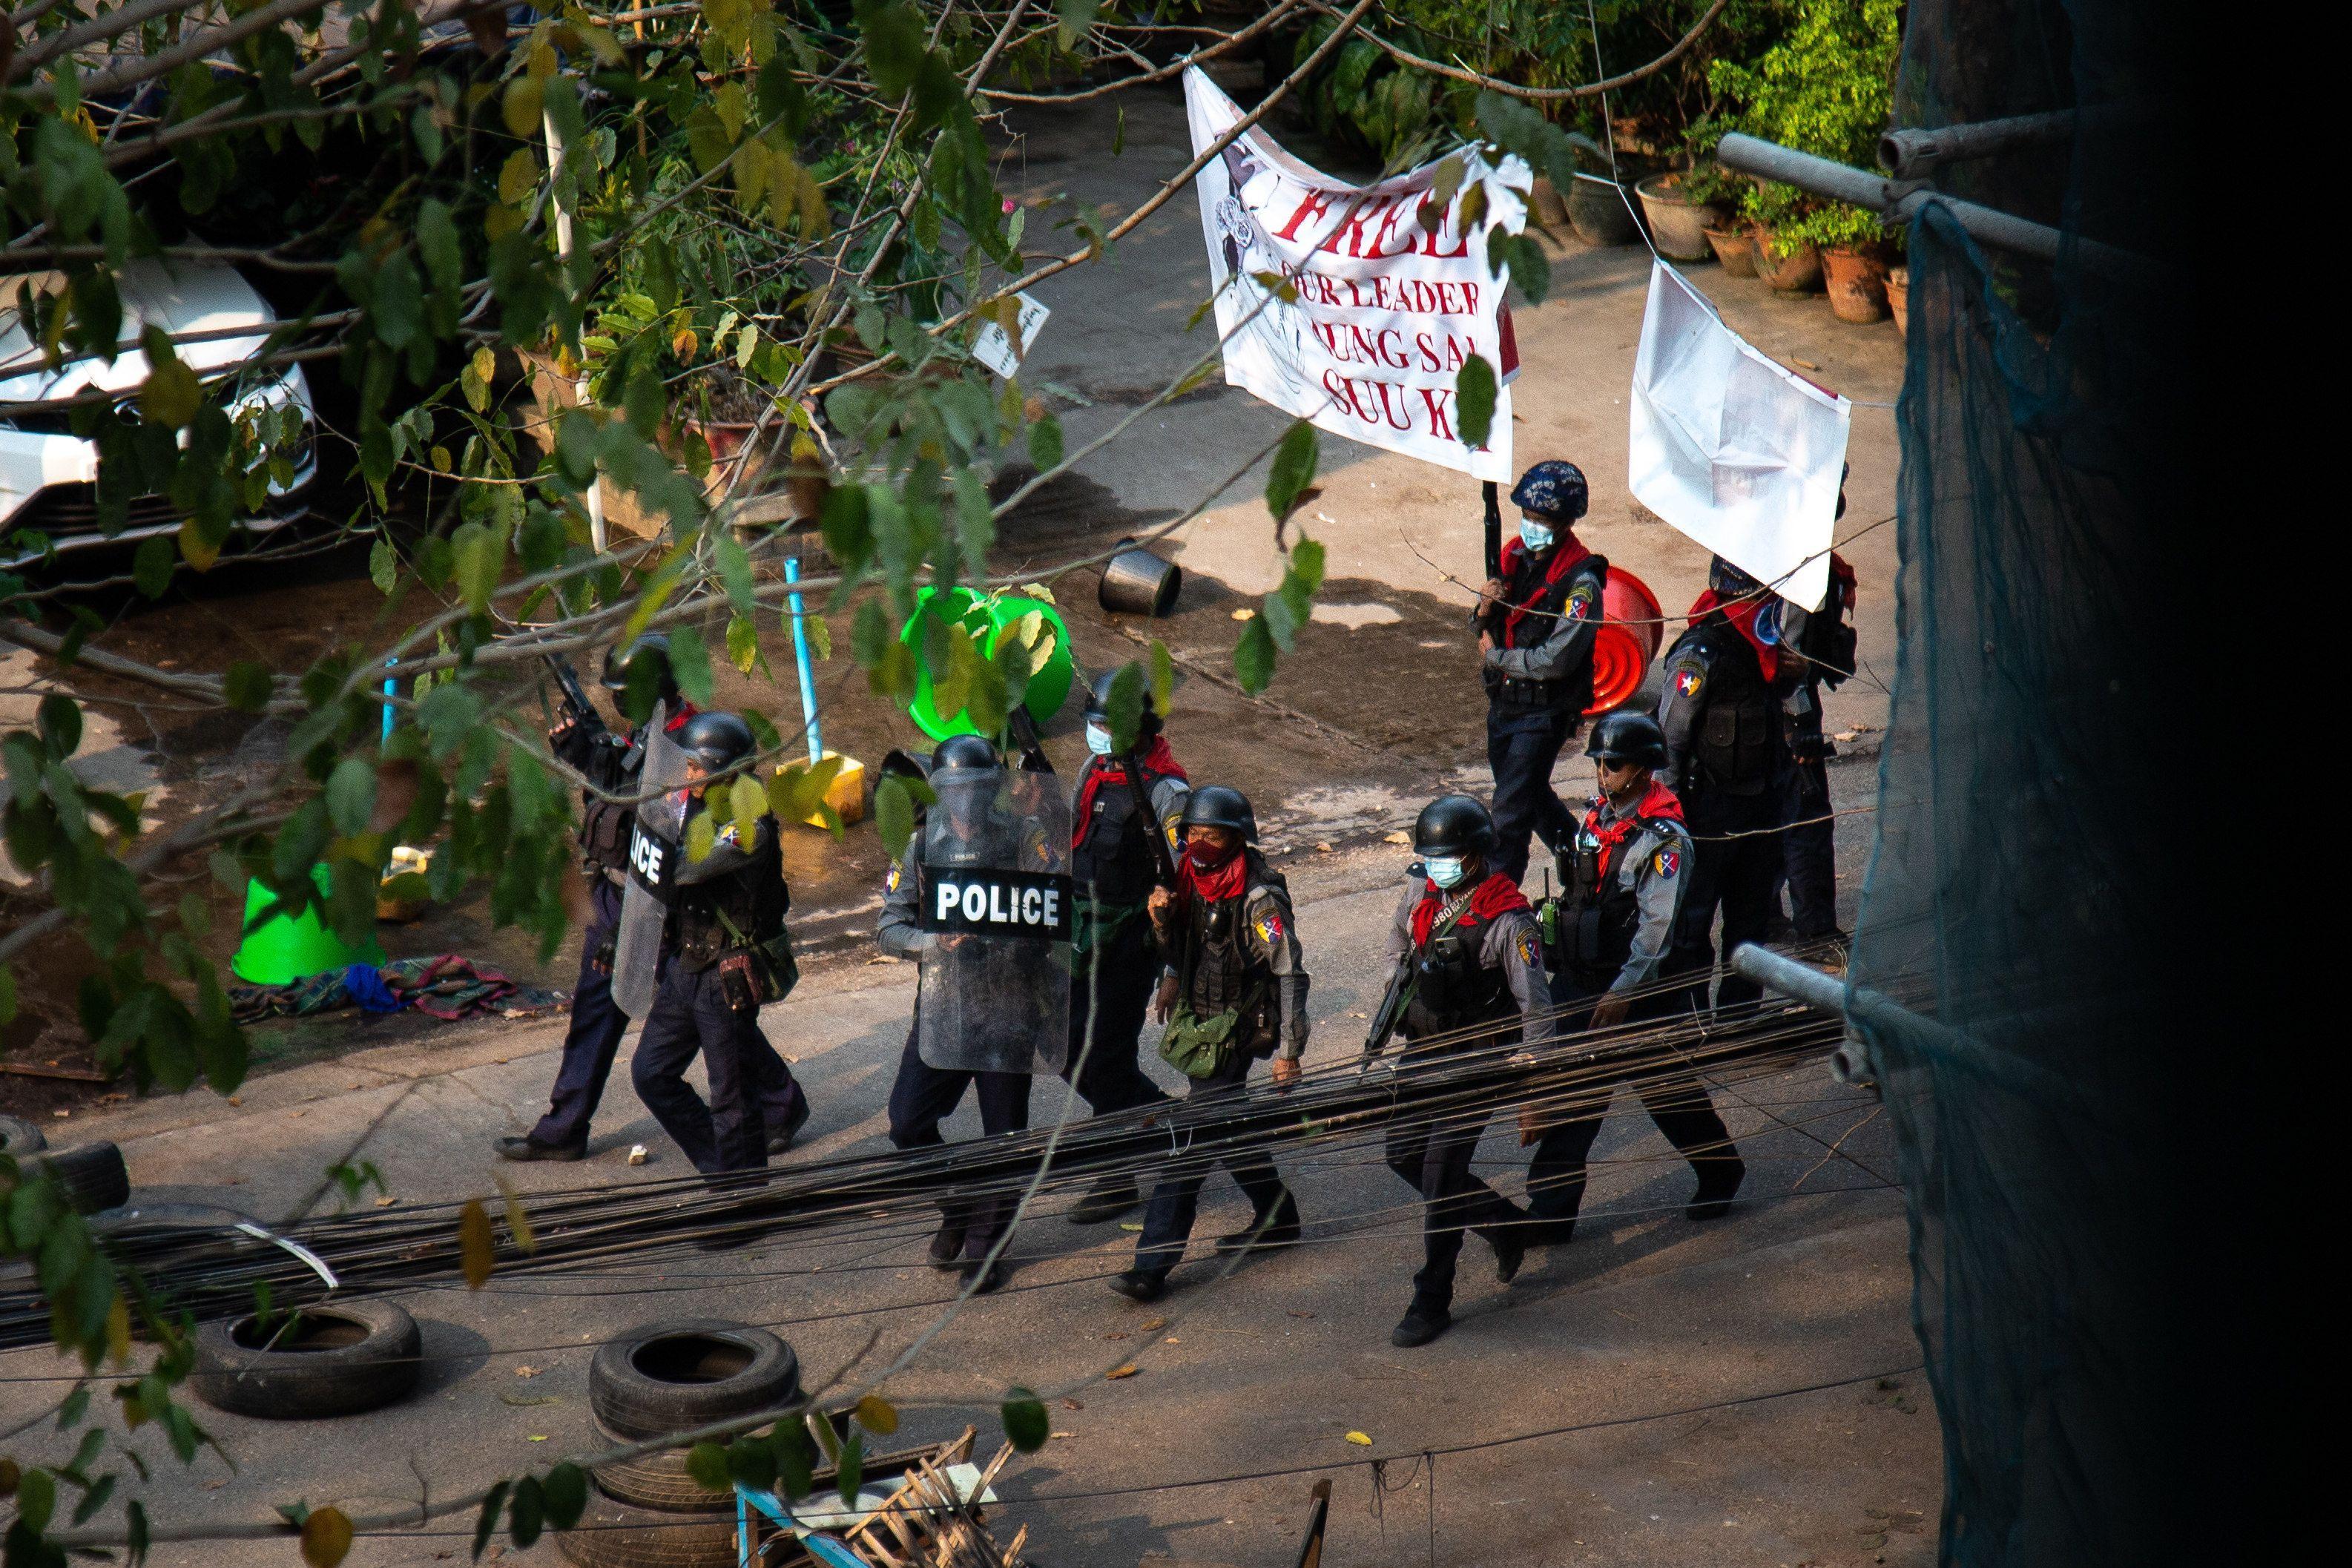 Forțele de orgine patrulează, înarmate, pentru a dispersa manifestanții, în Myanmar